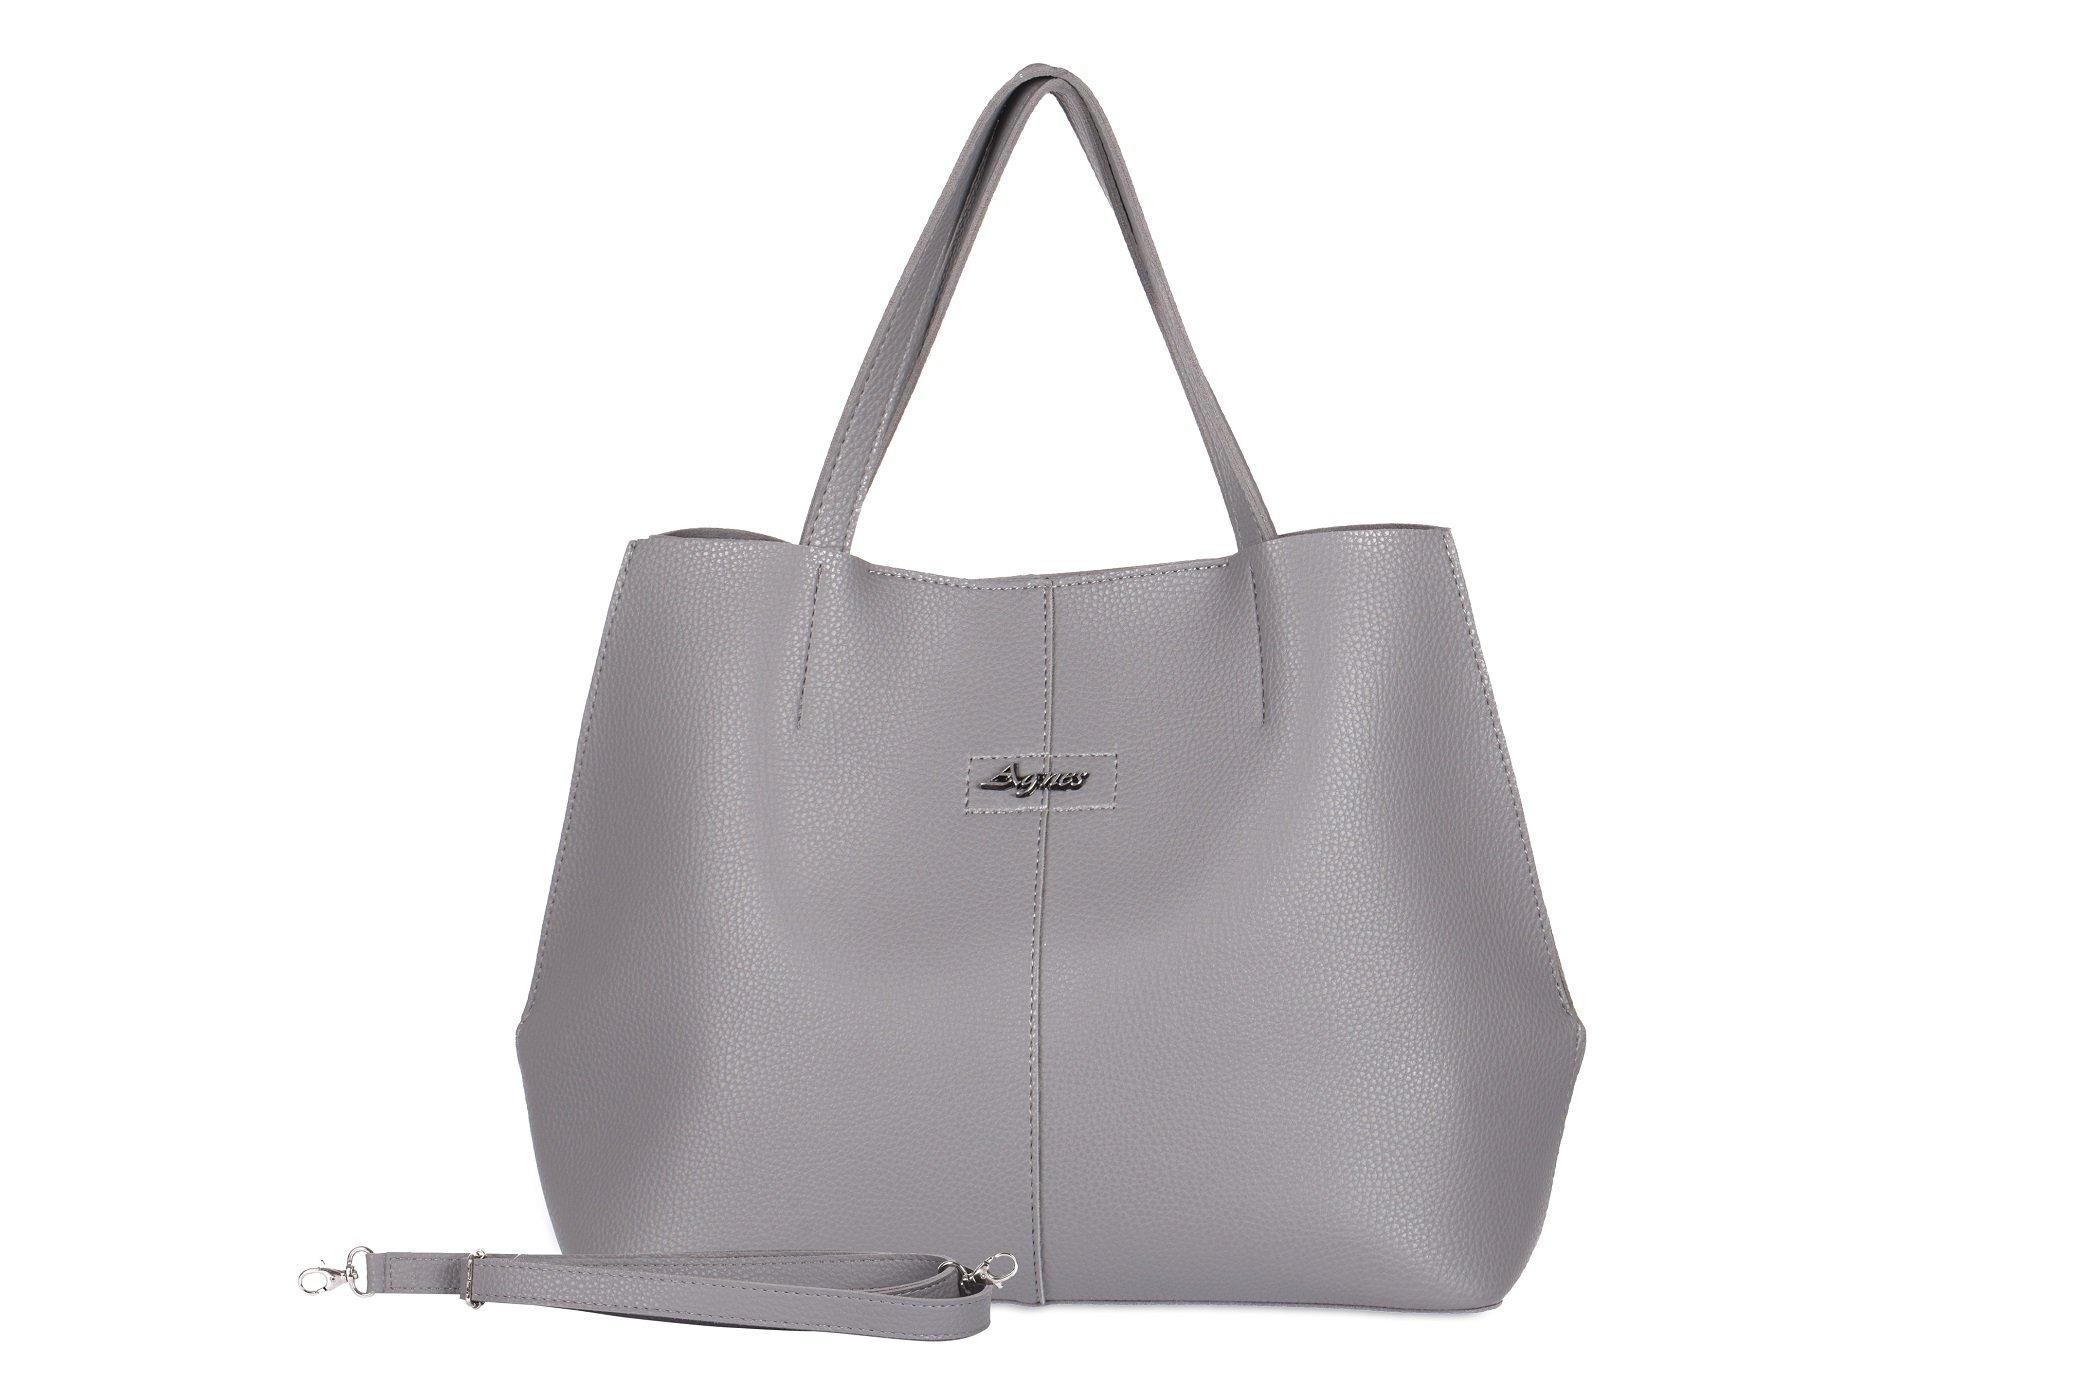 f4aa39982ee36 Klasyczna torebka damska miejska do codzinnych stylizacji, cena ...